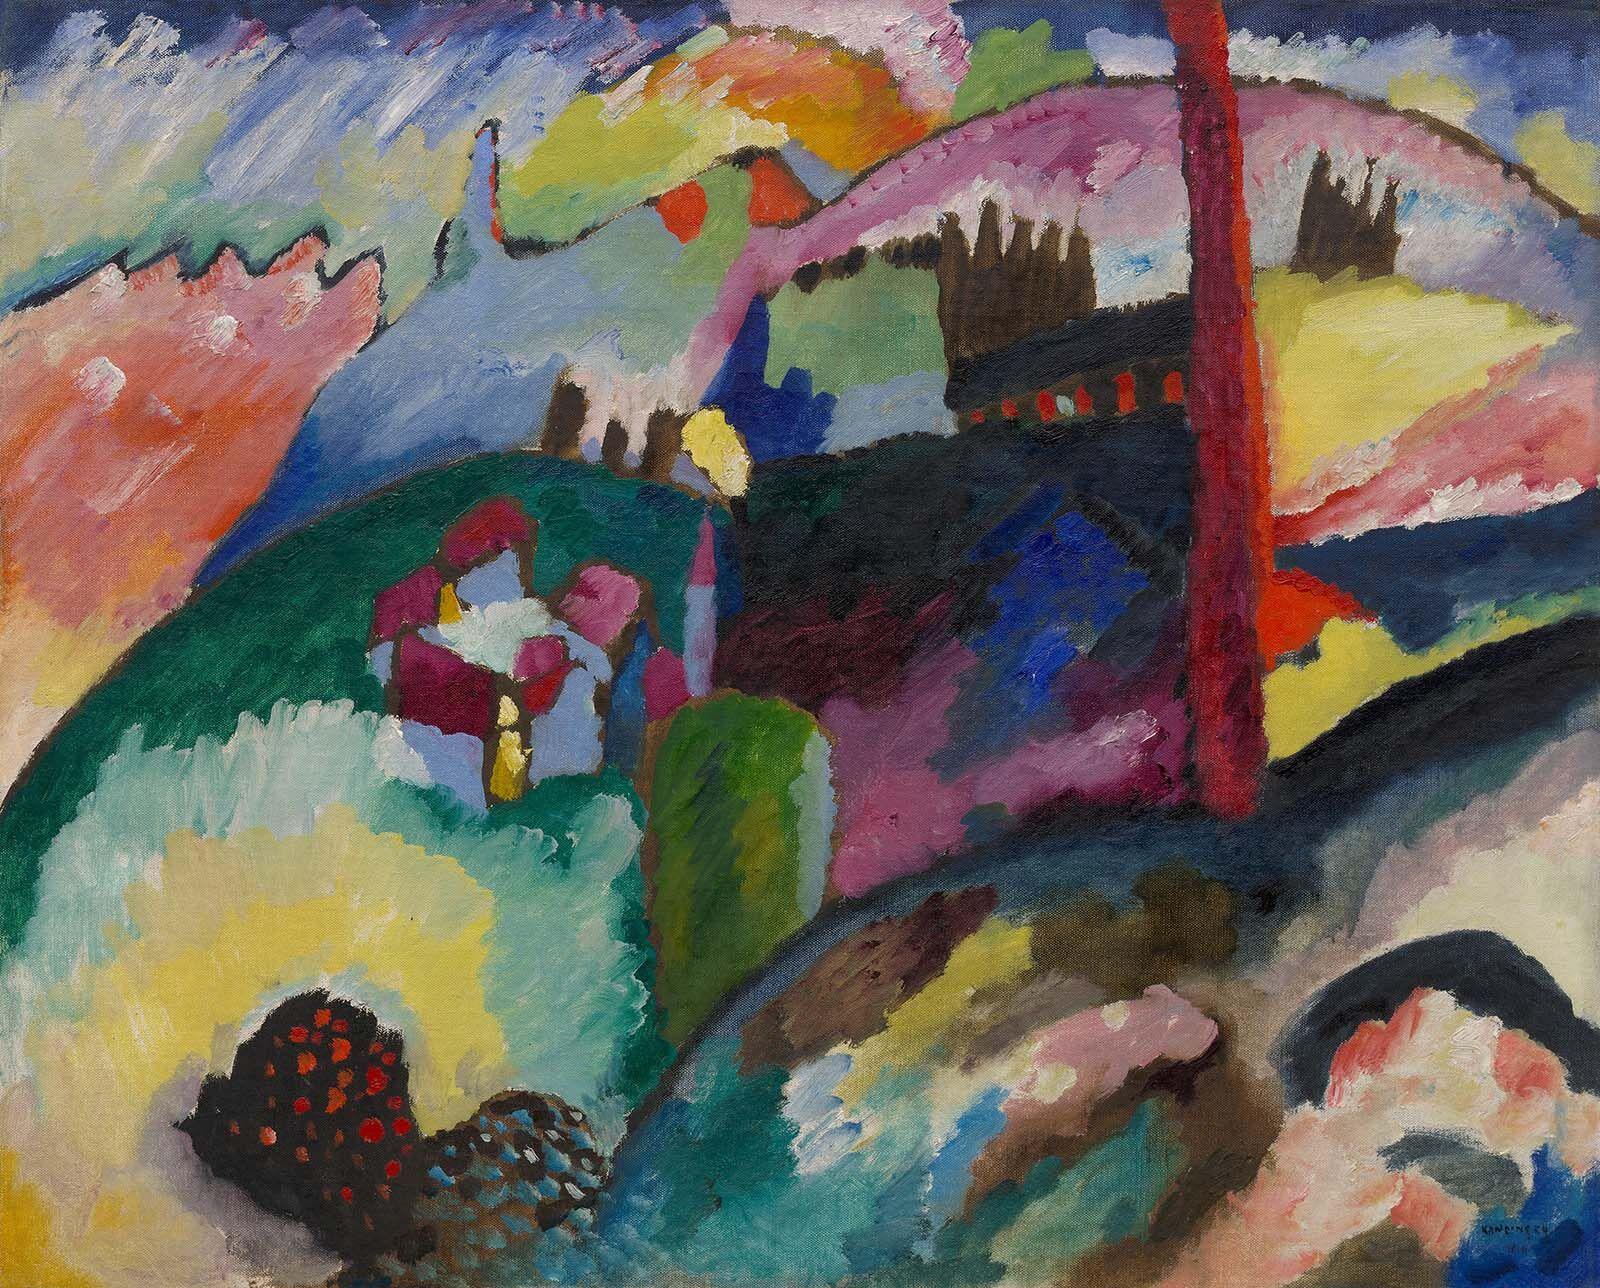 Wassily Kandinsky, 1910, Landscape with Factory Chimney